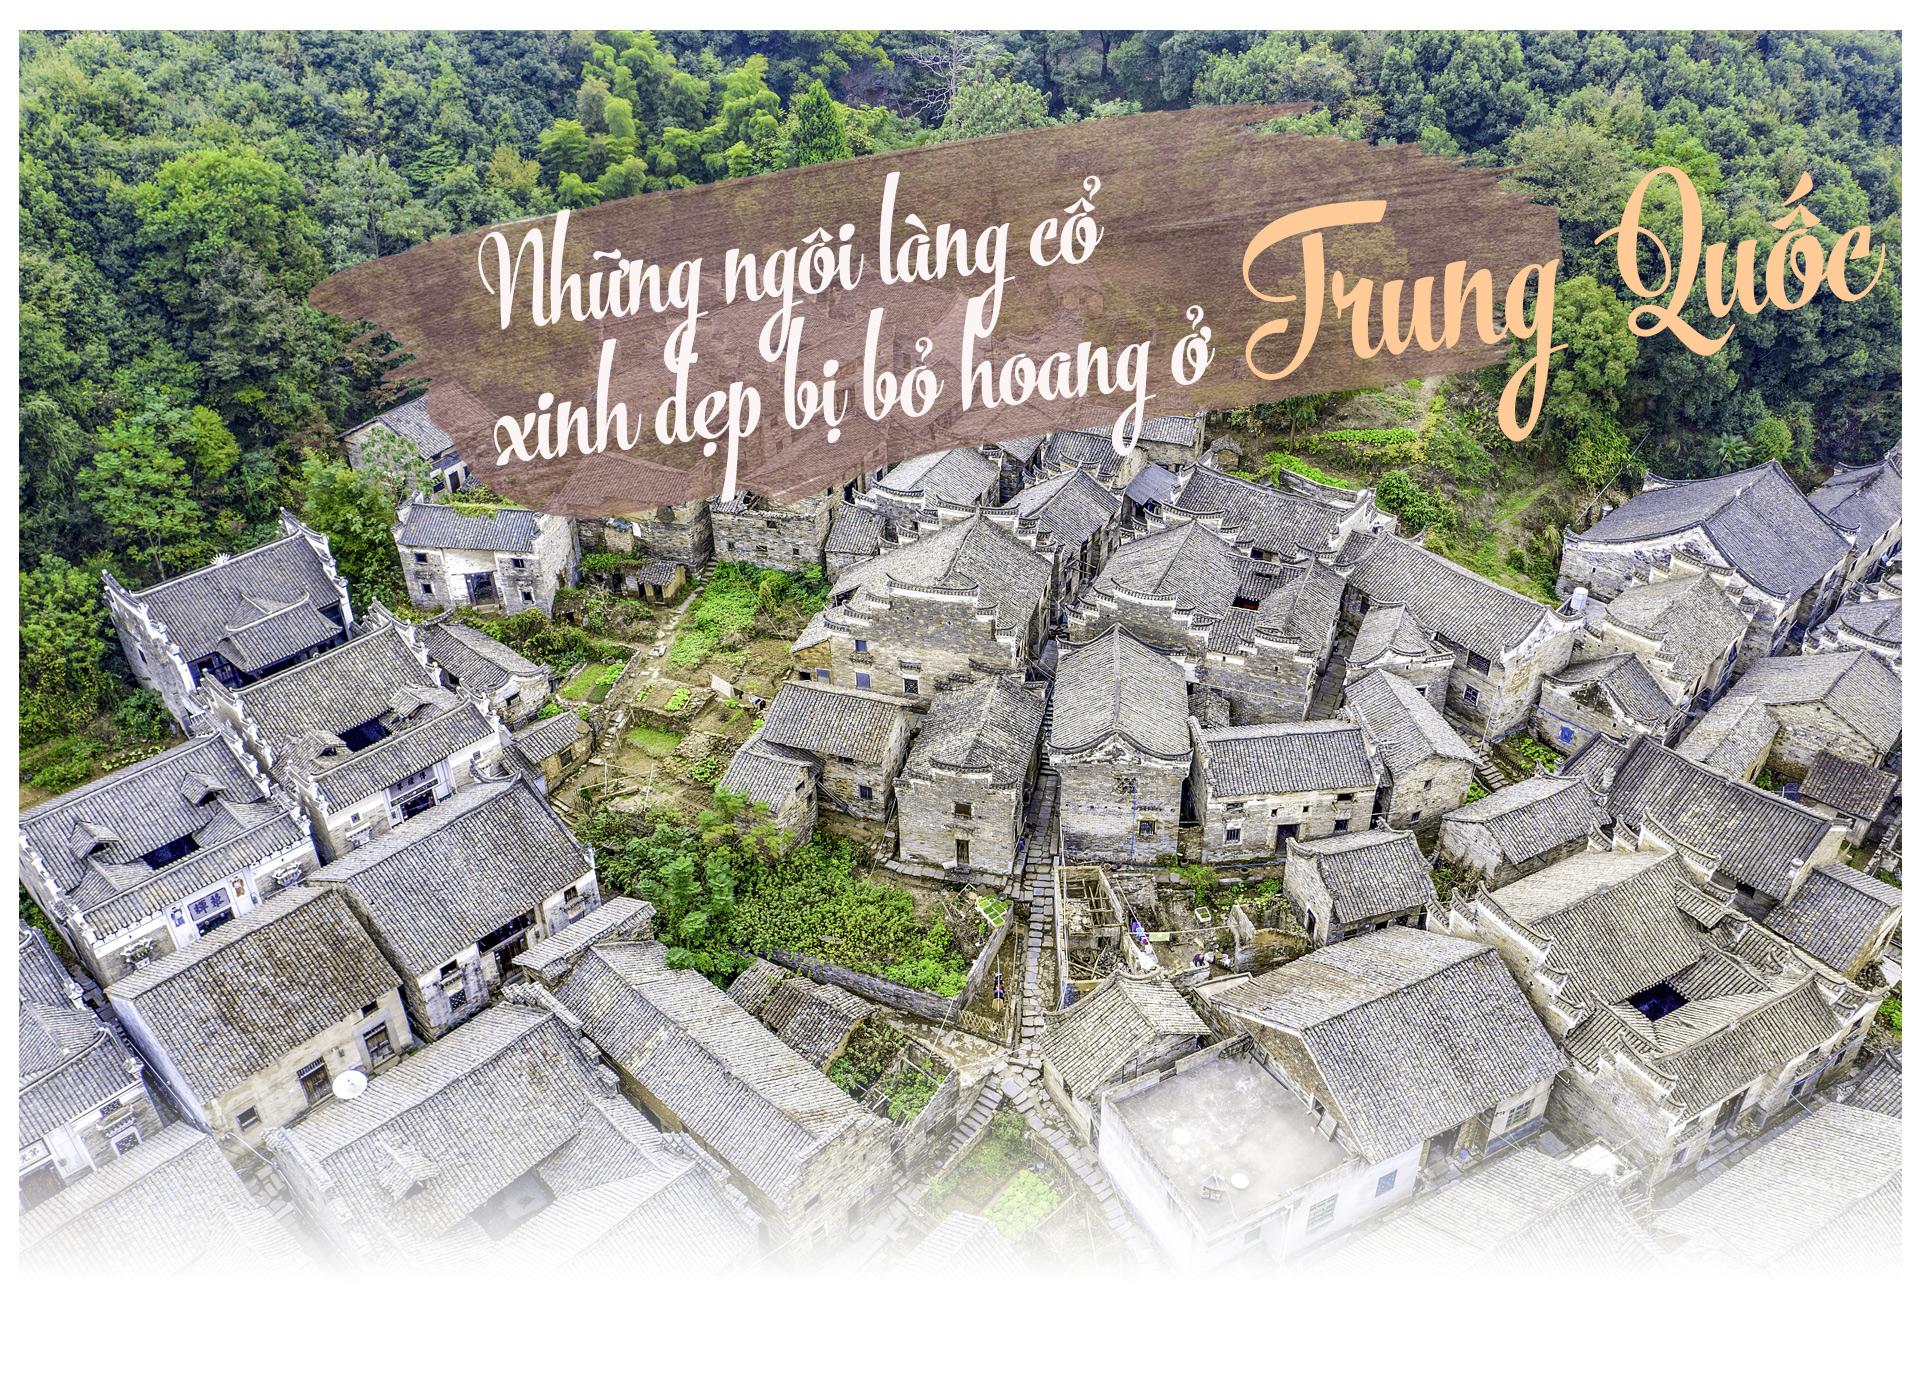 Ám ảnh những ngôi làng cổ xinh đẹp bị bỏ hoang ở Trung Quốc - 1